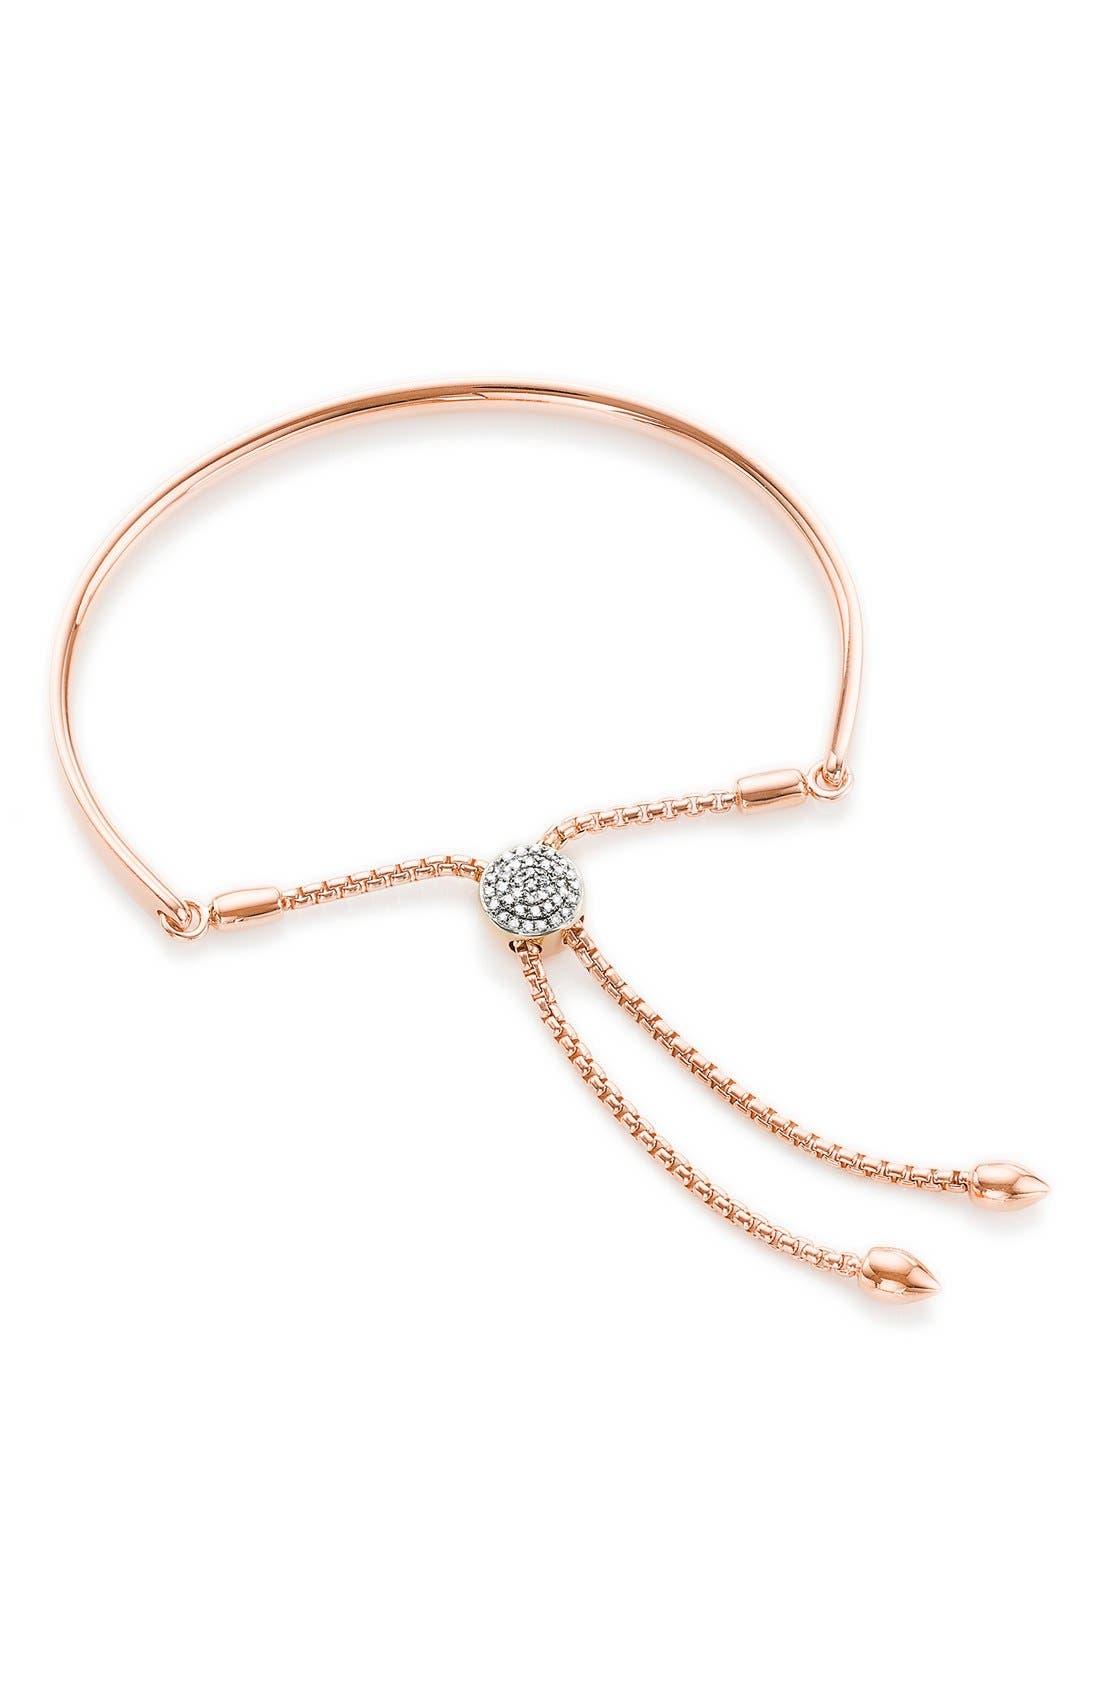 'Fiji' Diamond Friendship Bracelet,                             Main thumbnail 1, color,                             ROSE GOLD/ DIAMOND